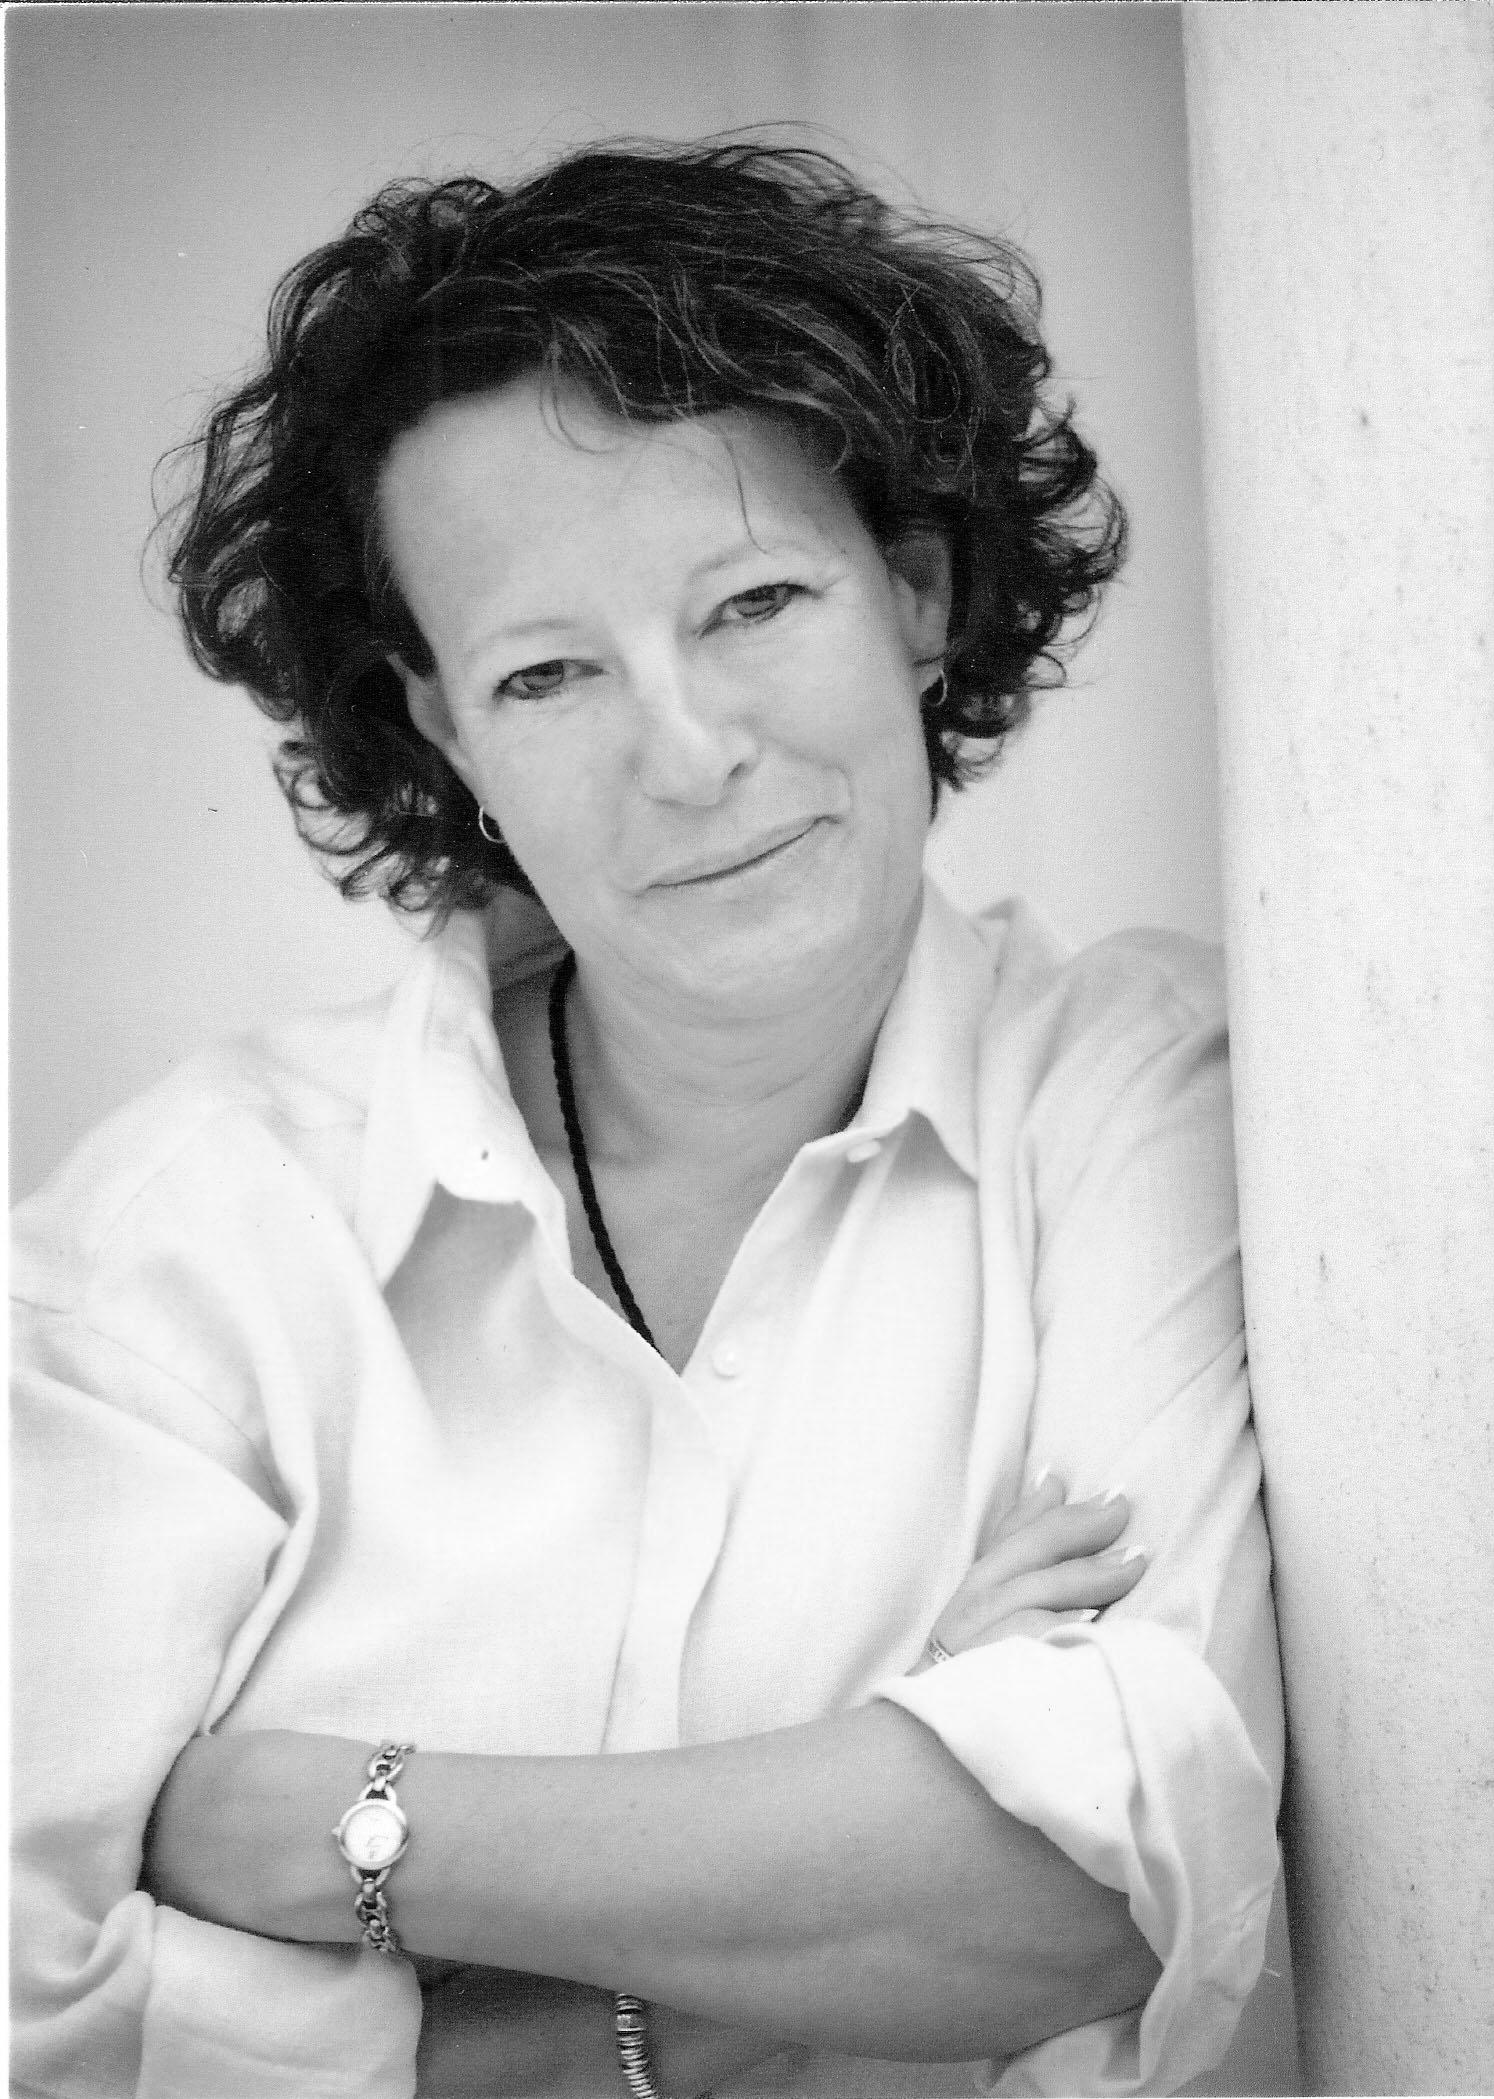 Jane Dumeresque